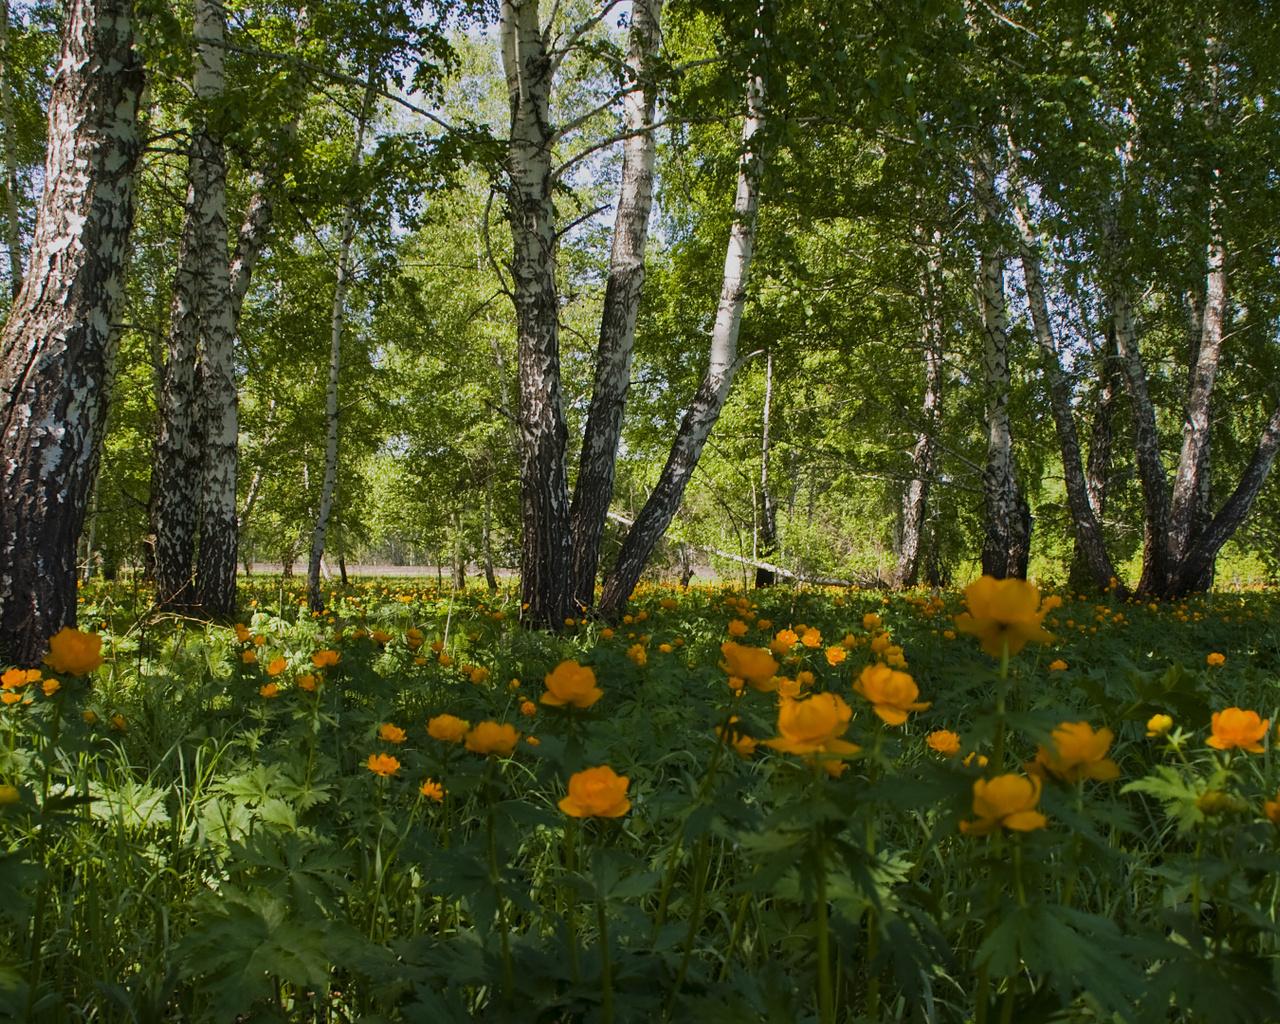 Природа пейзаж лето поляна березы